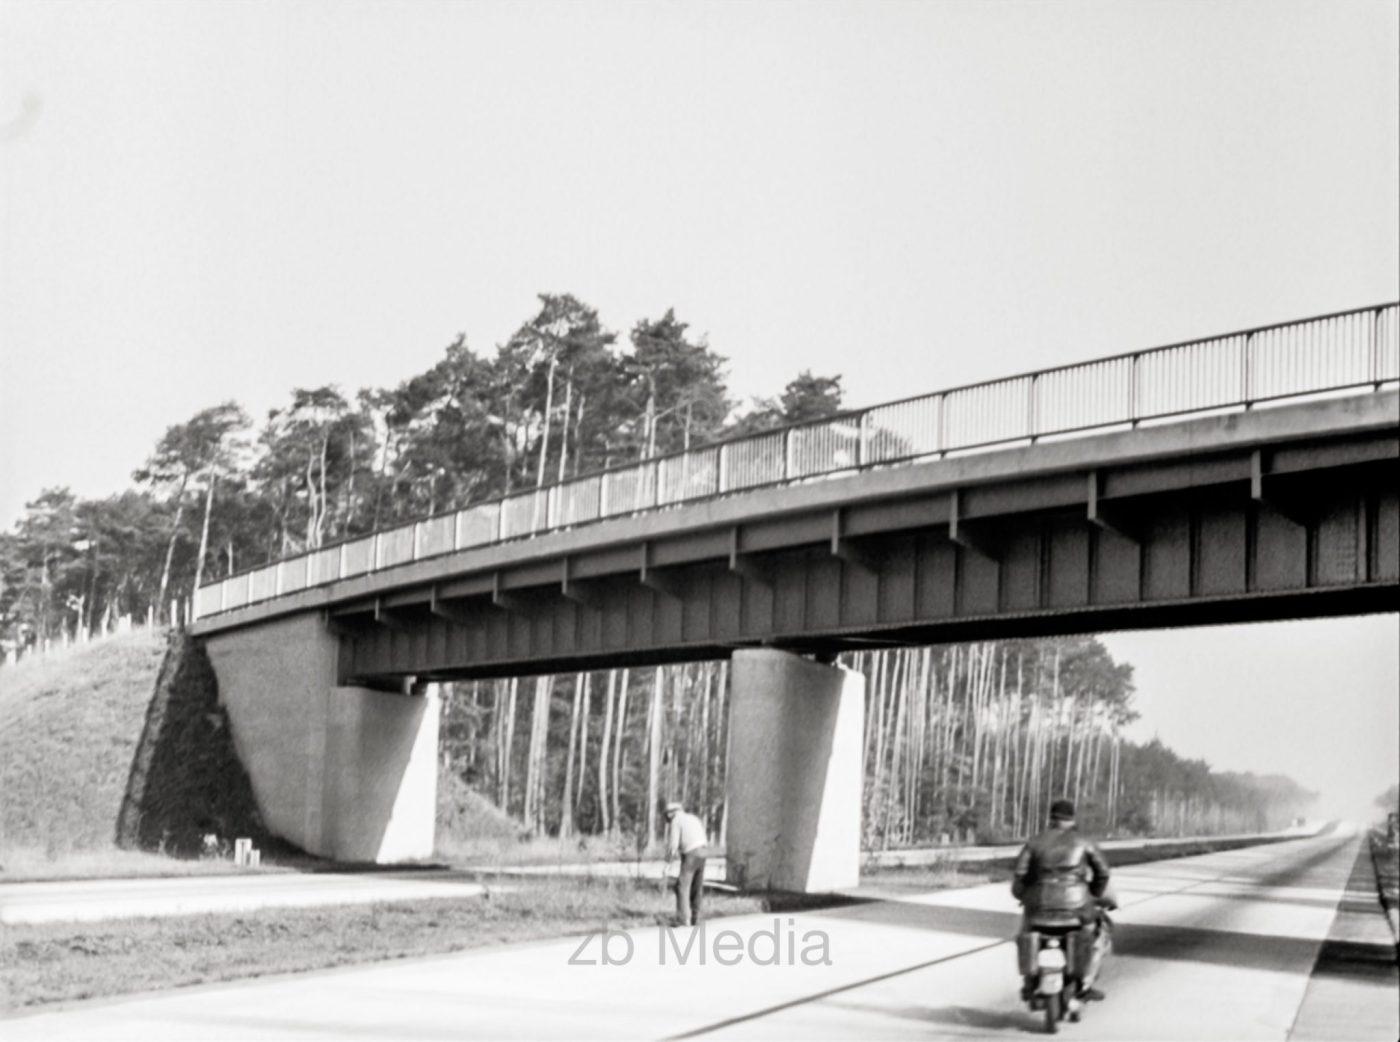 Deutschland 1937, Autobahn